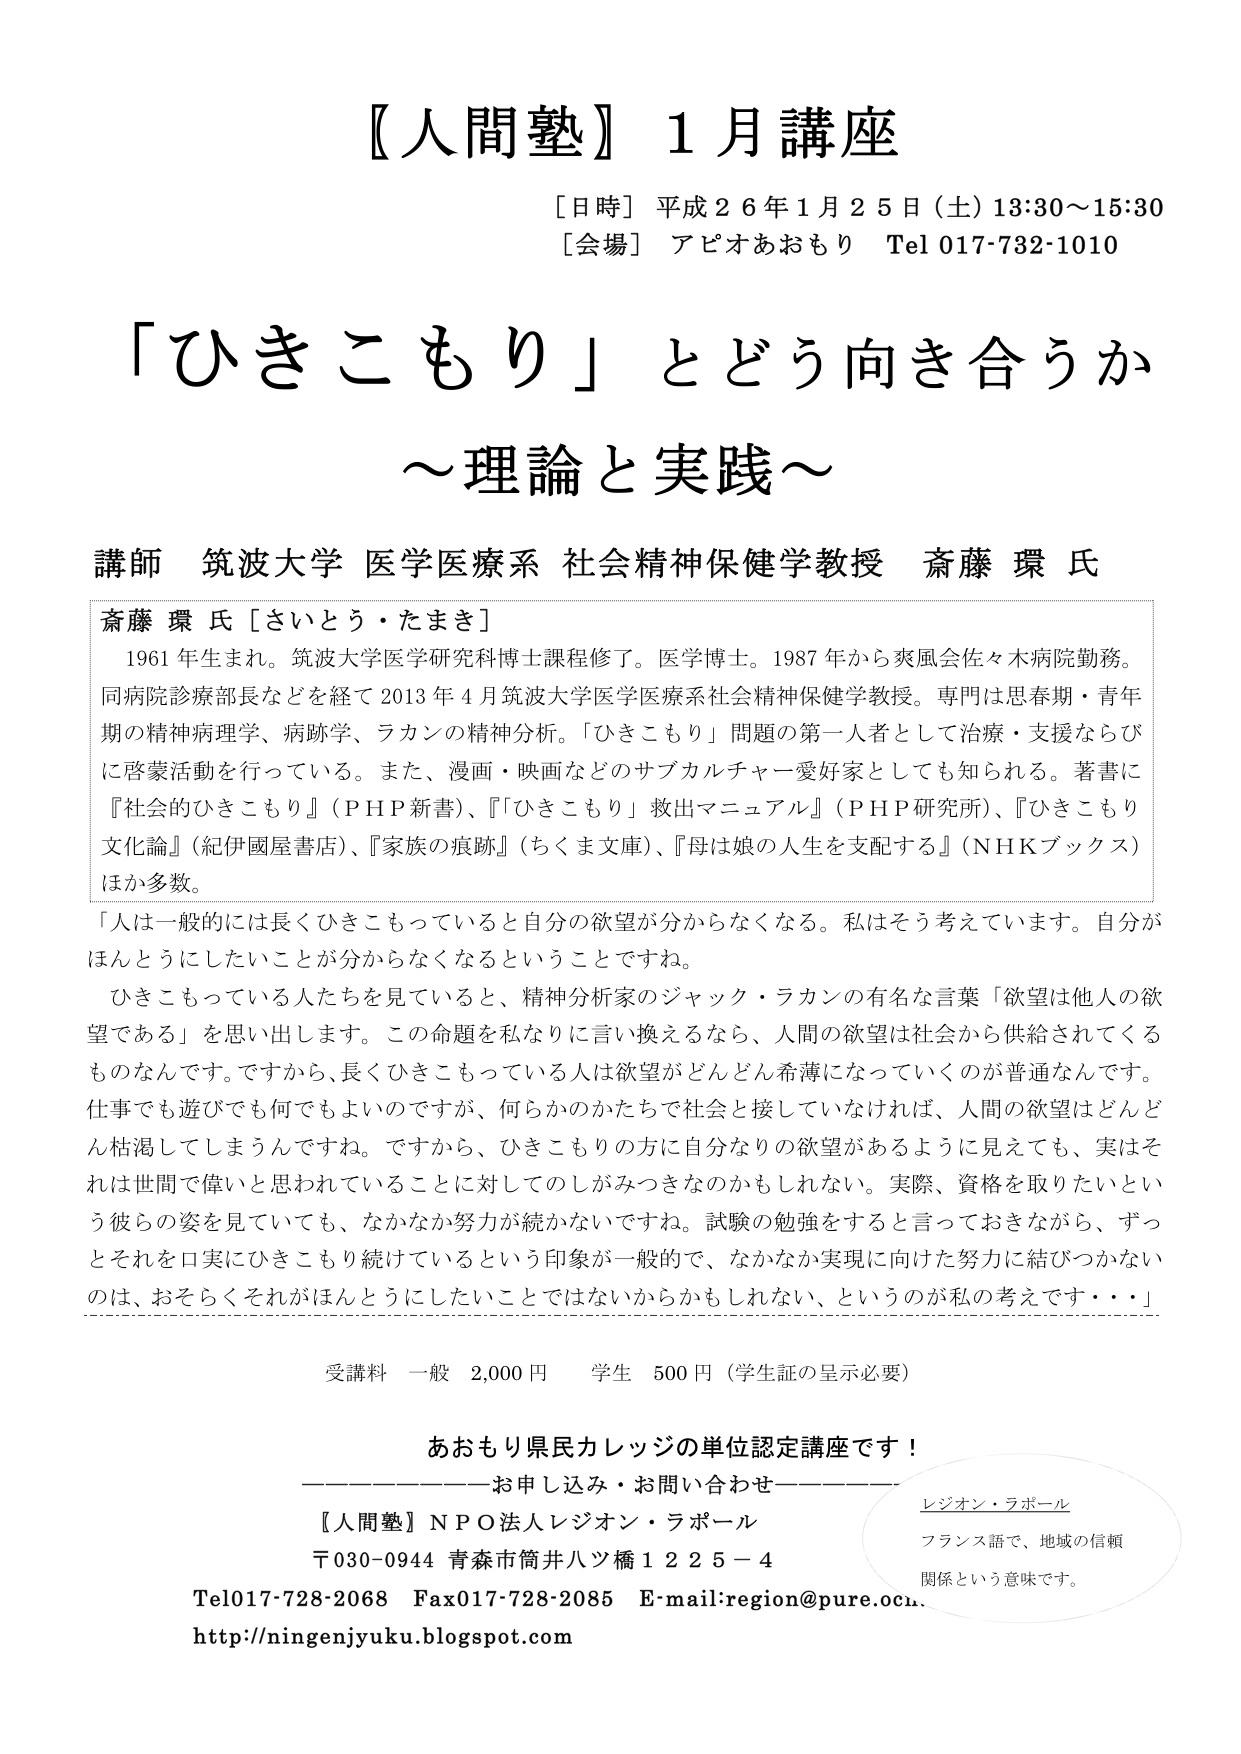 人間塾1月講座(ほほえみの会より情報提供)_a0103650_21351625.jpg